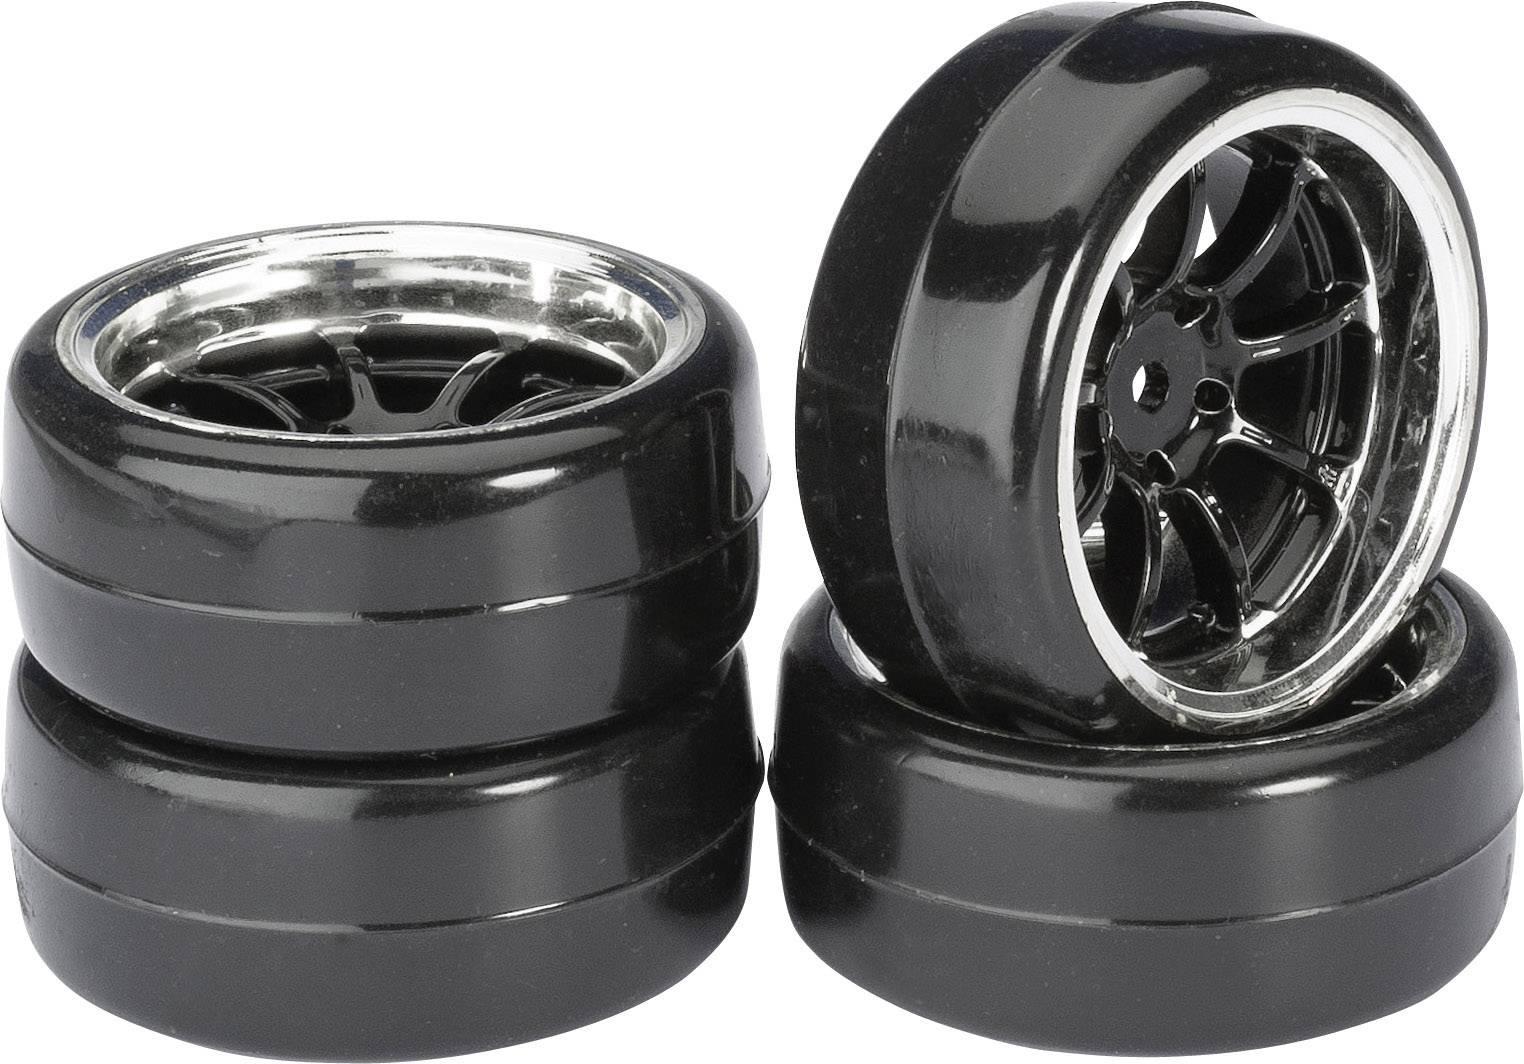 Kompletné kolesá Drifter B Absima 2510043 pre cestný model, 61 mm, 1:10, 4 ks, čierny chróm